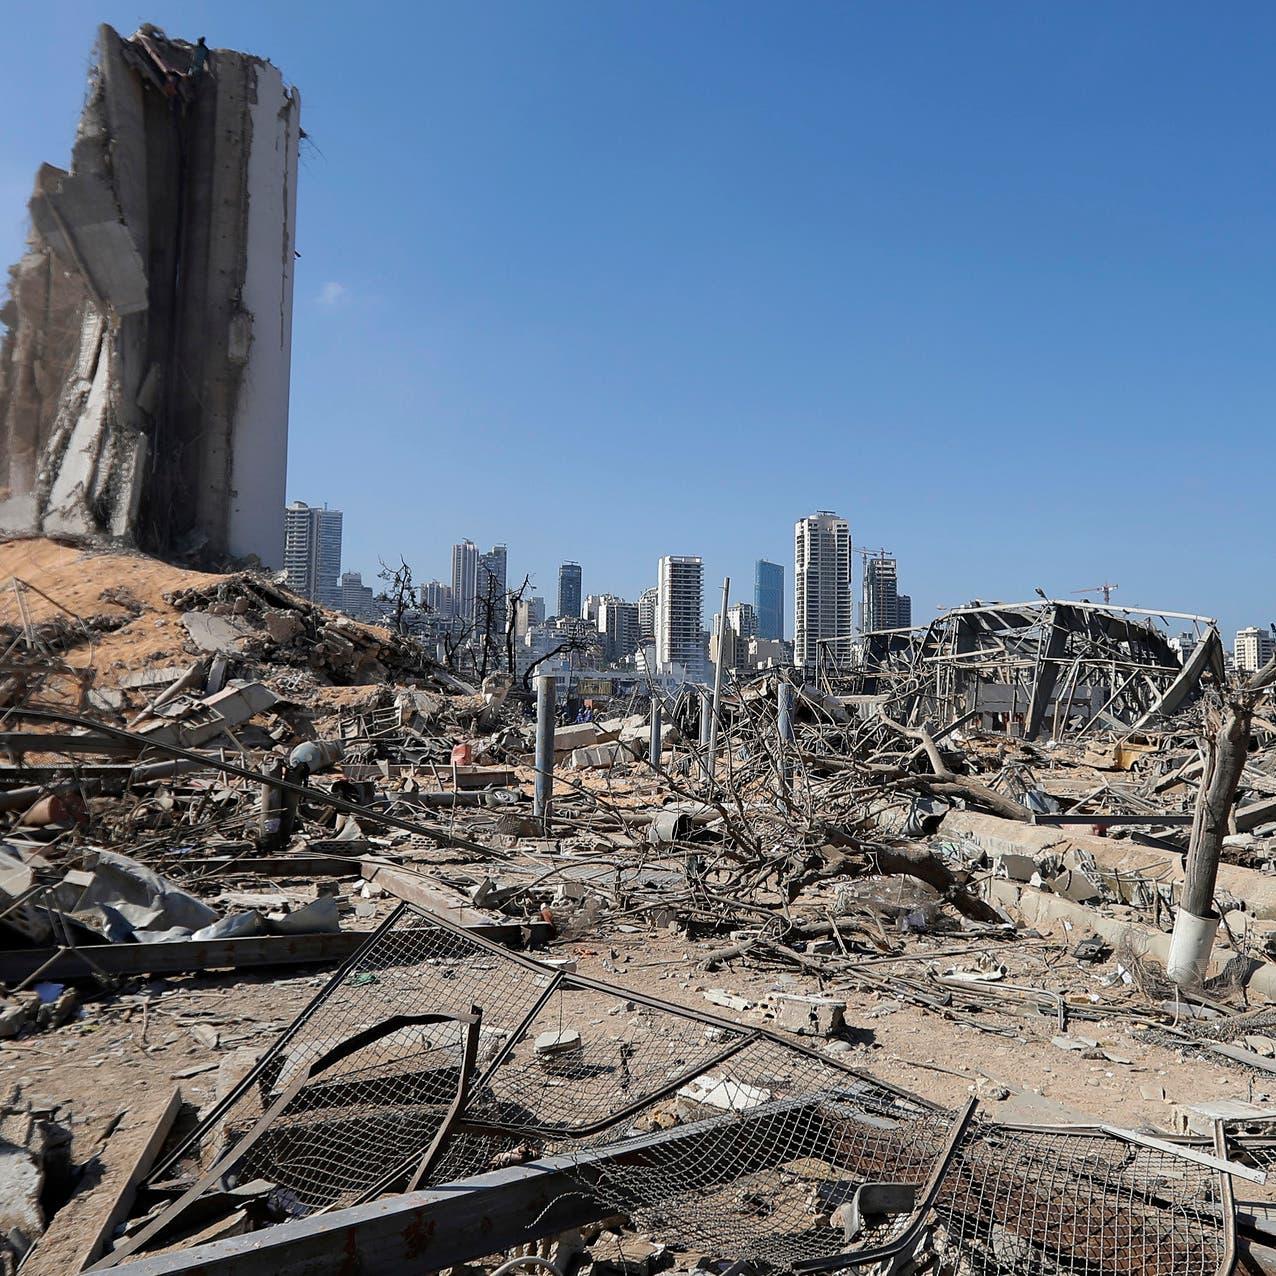 خبراء: انفجار مرفأ بيروت أحدث حفرة بعمق 43 متراً